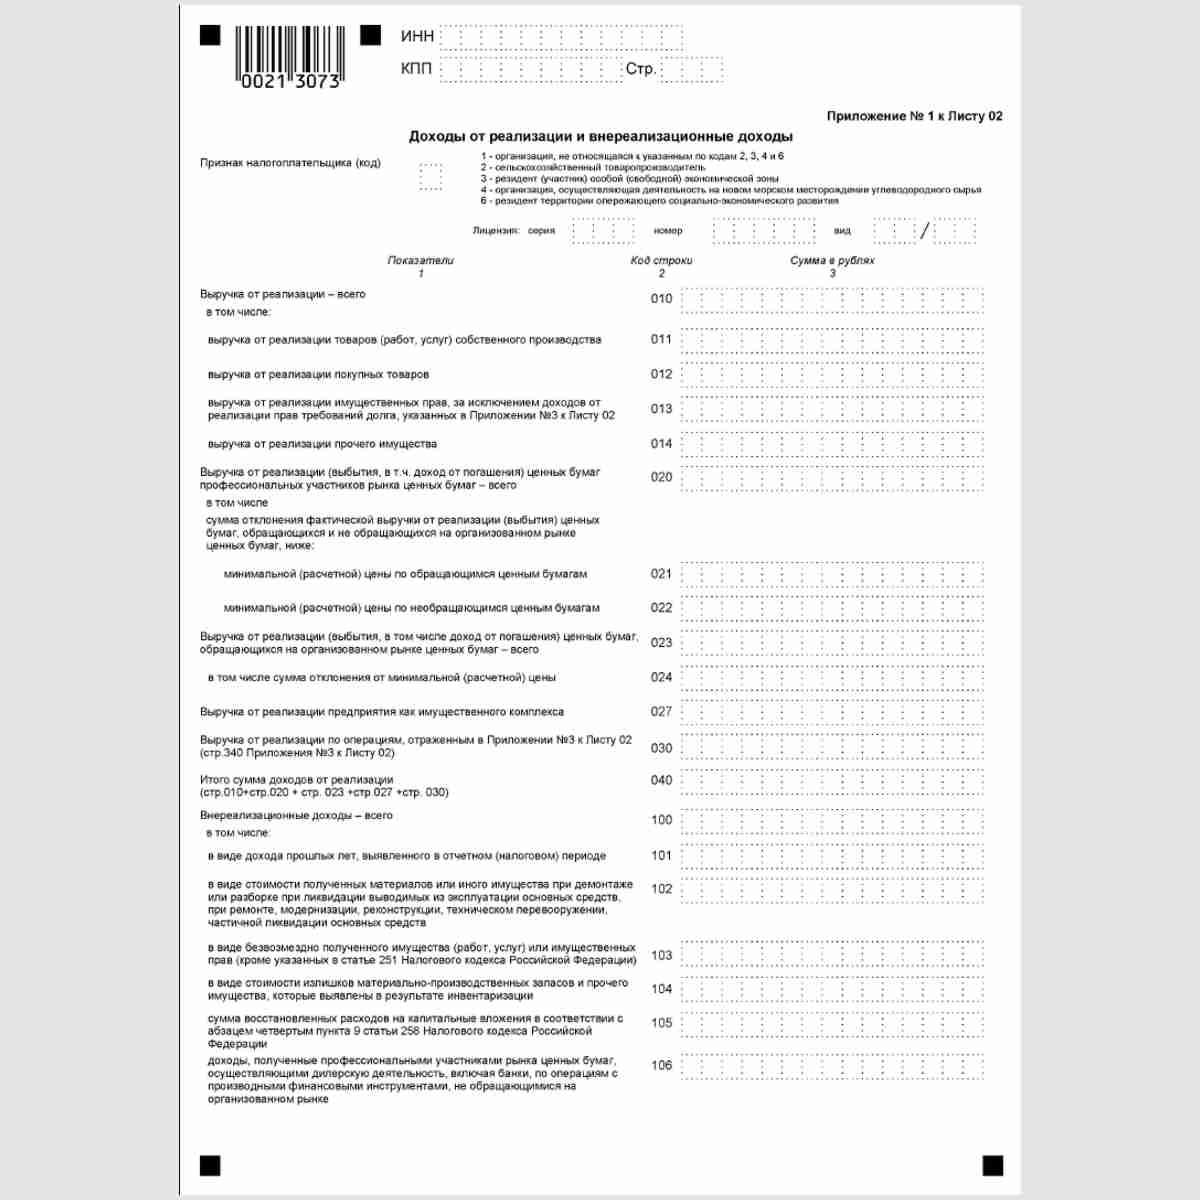 """Форма КНД 1151006 """"Налоговая декларация по налогу на прибыль организаций"""". Лист 02. Приложение№1"""